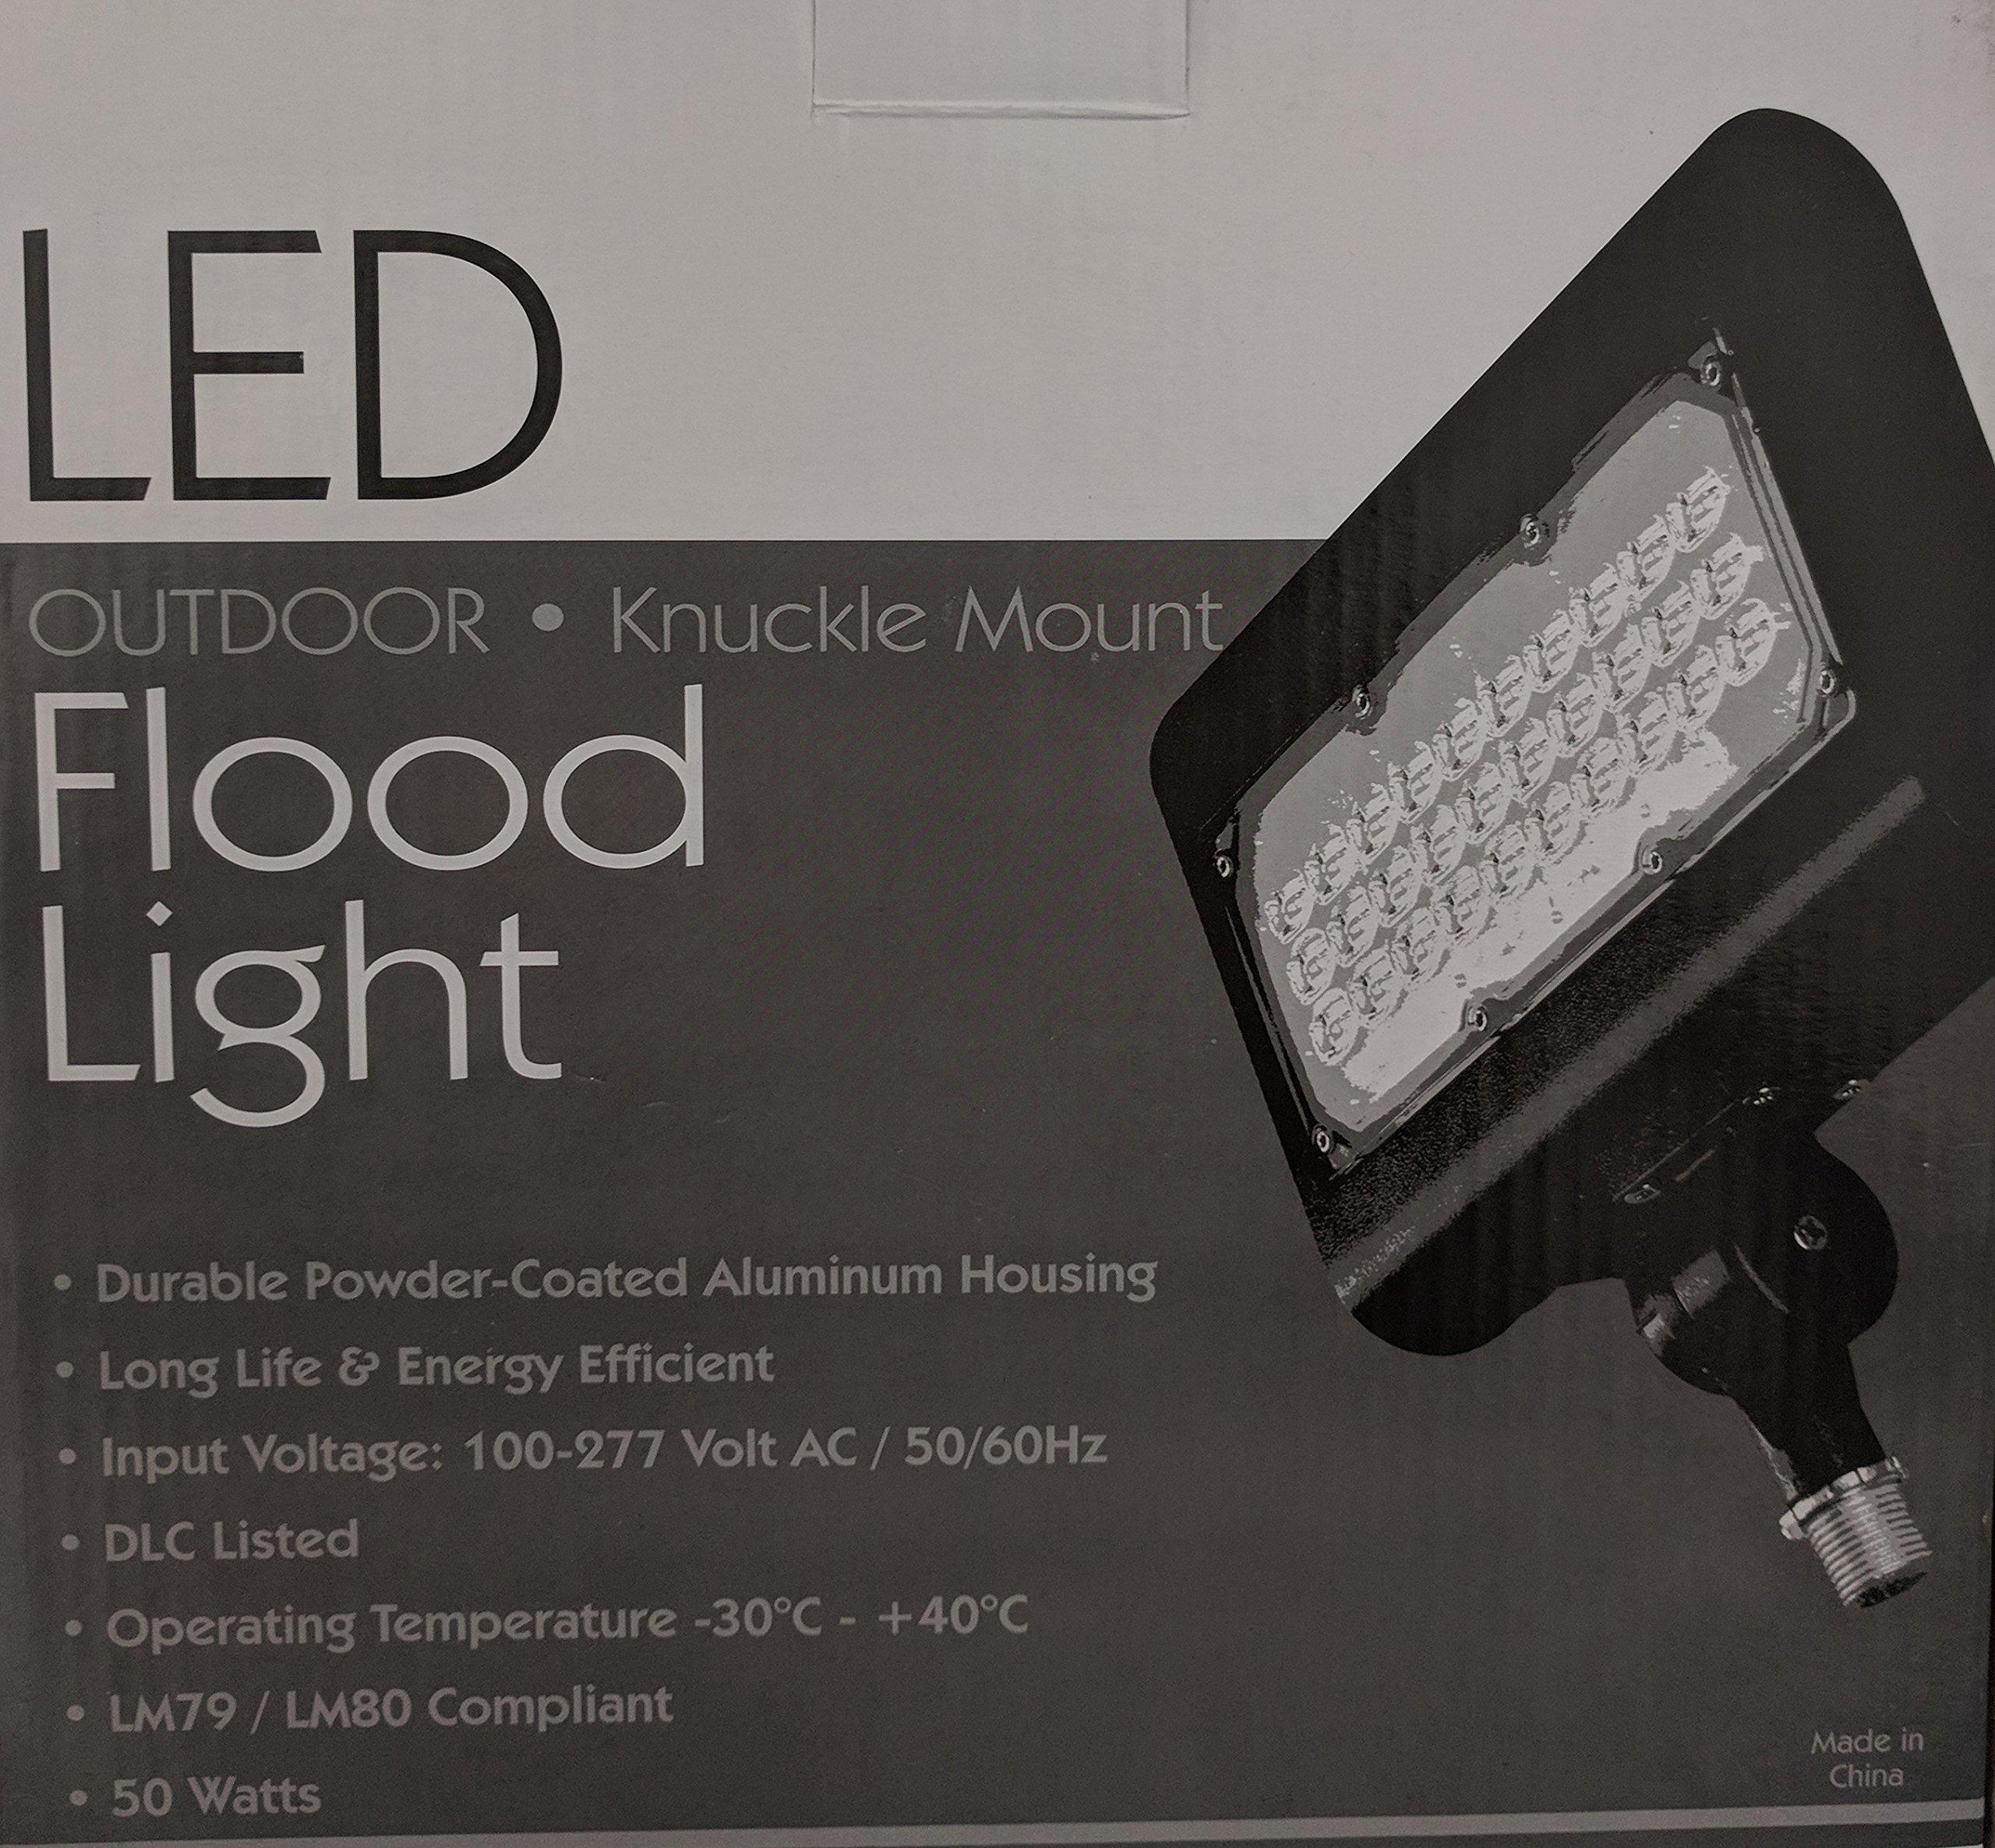 Best Lighting Products 30 Watt LED Floodlight 4000K 120V-277V 80 CRI 2900 Lumens Knuckle Mount Bronze Fixture -DLC Standard LEDMPAL30-K-4K